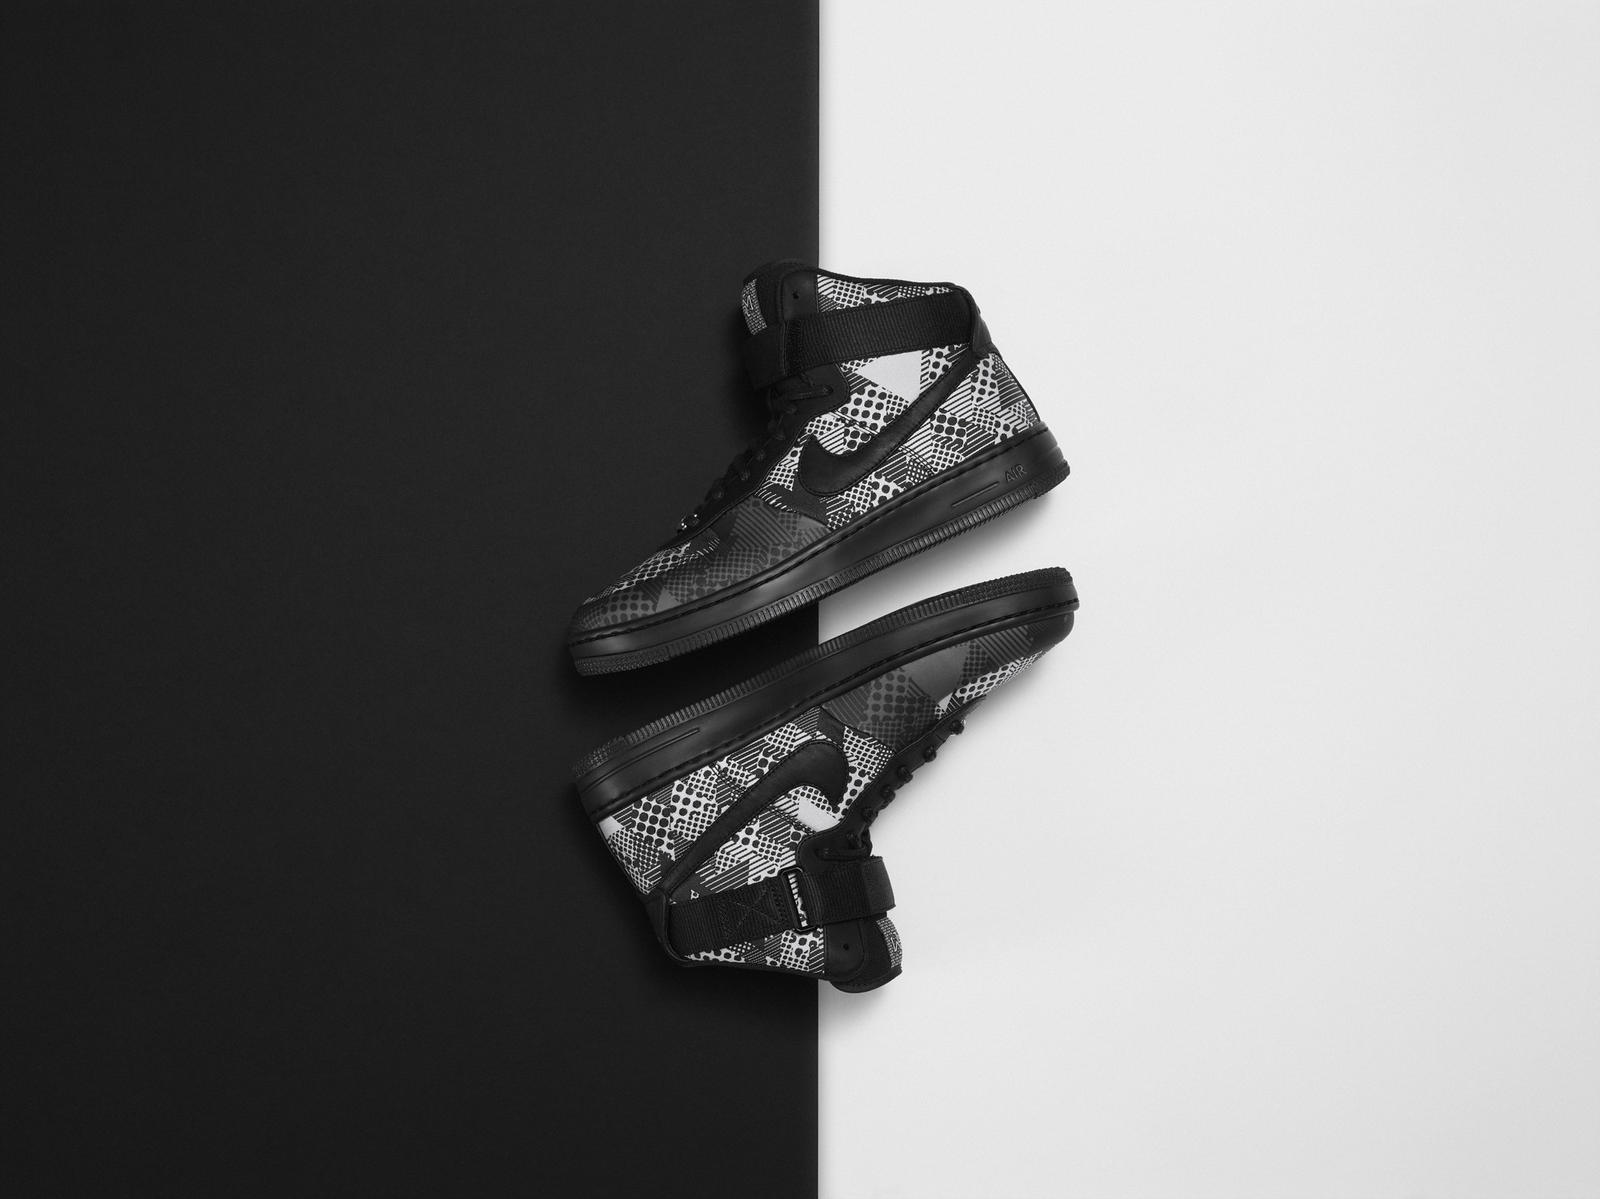 Nike_SP15_BHM_FTWR_WMNS_AF1_Final_native_1600